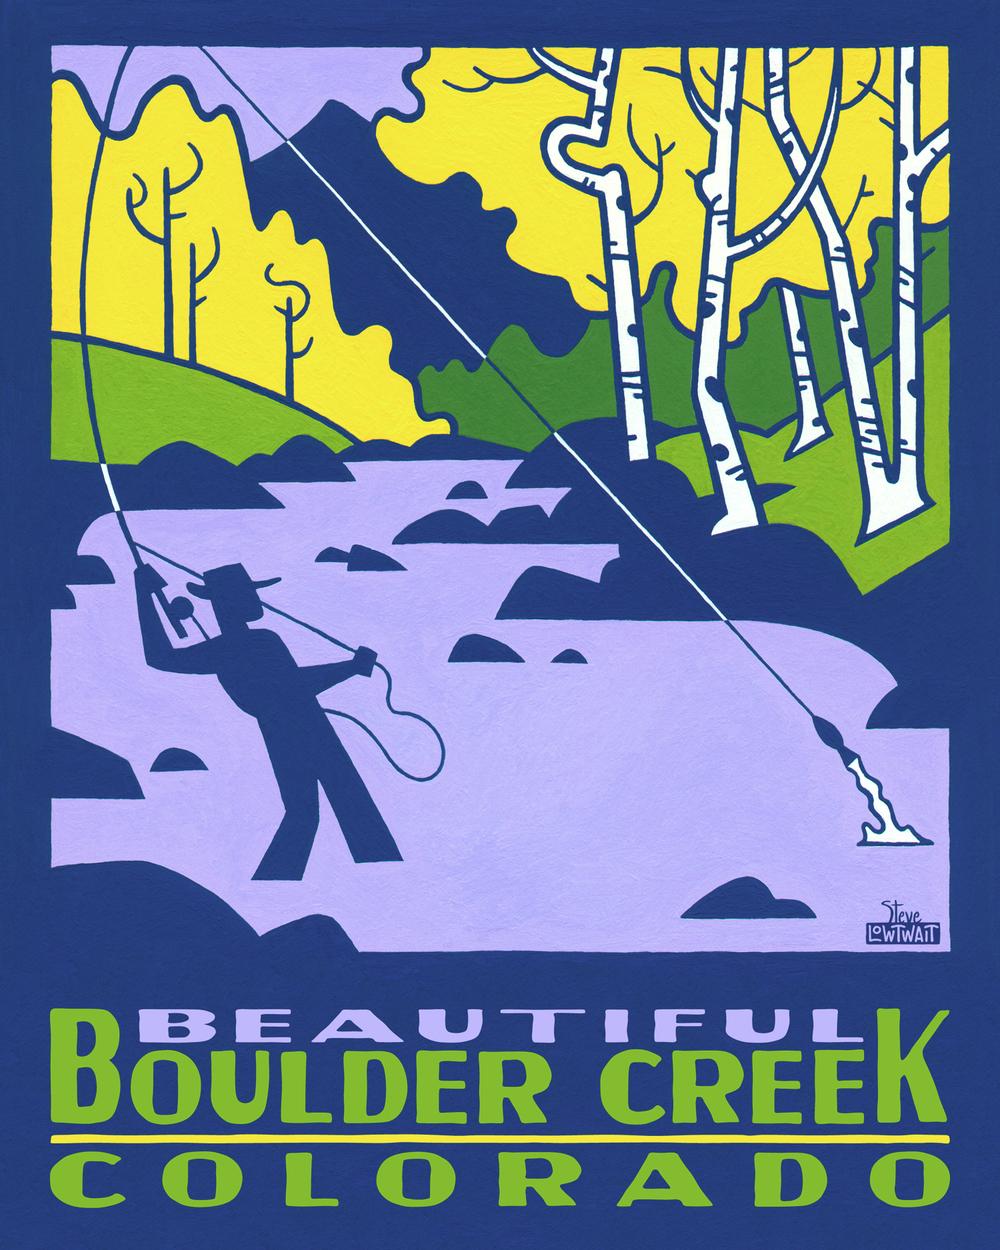 Boulder Creek - Colorado• Buy